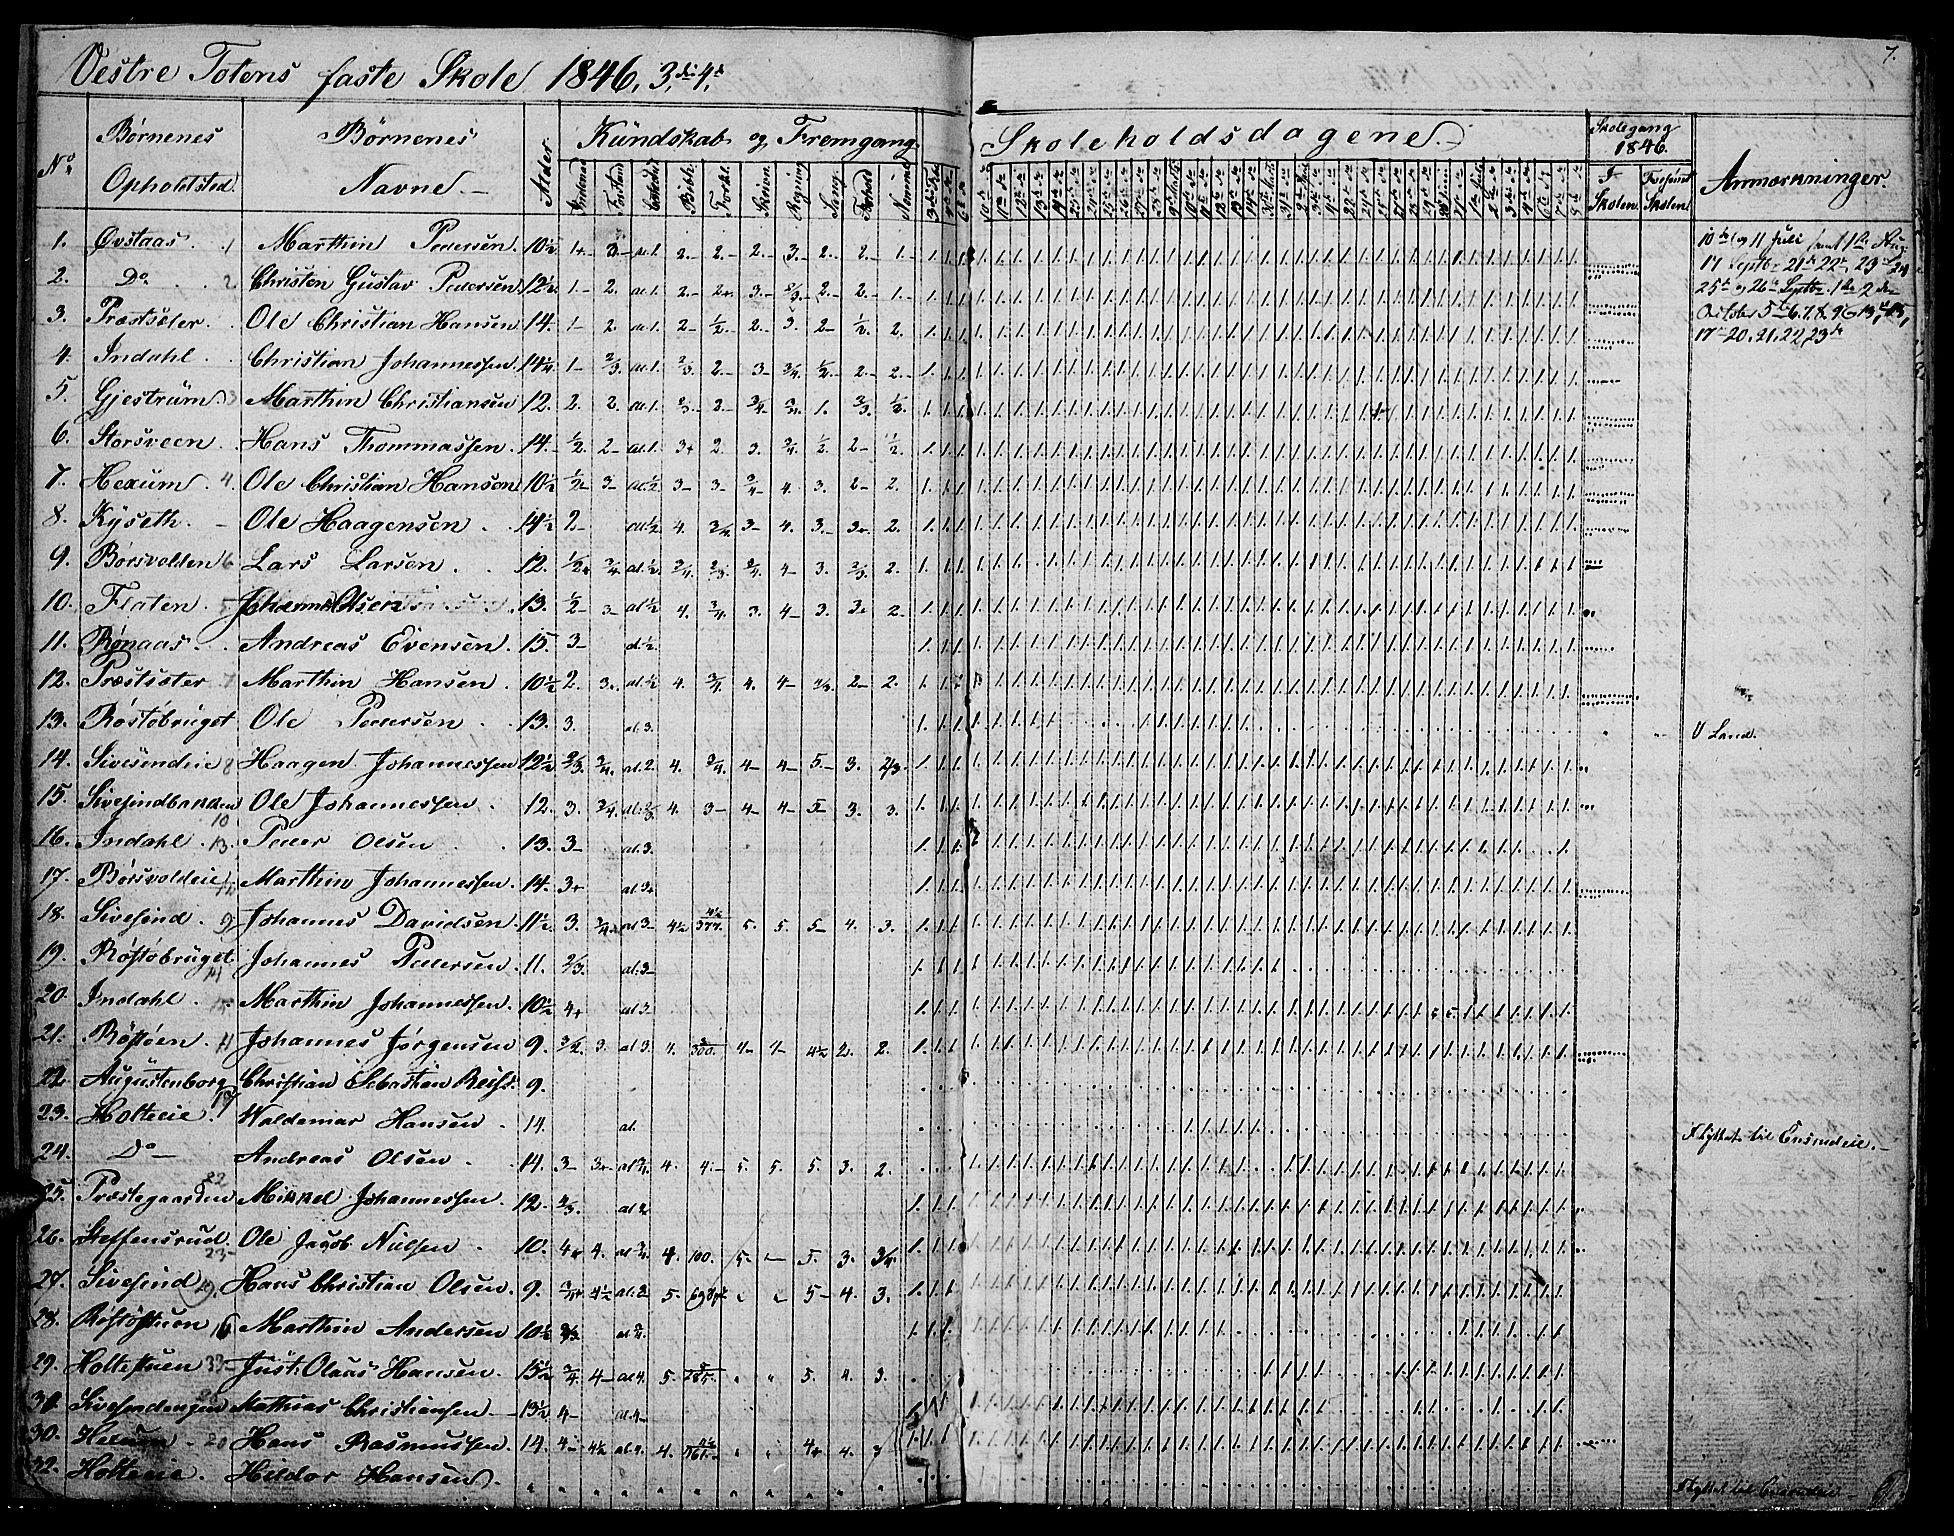 SAH, Vestre Toten prestekontor, Klokkerbok nr. 3, 1846-1854, s. 7